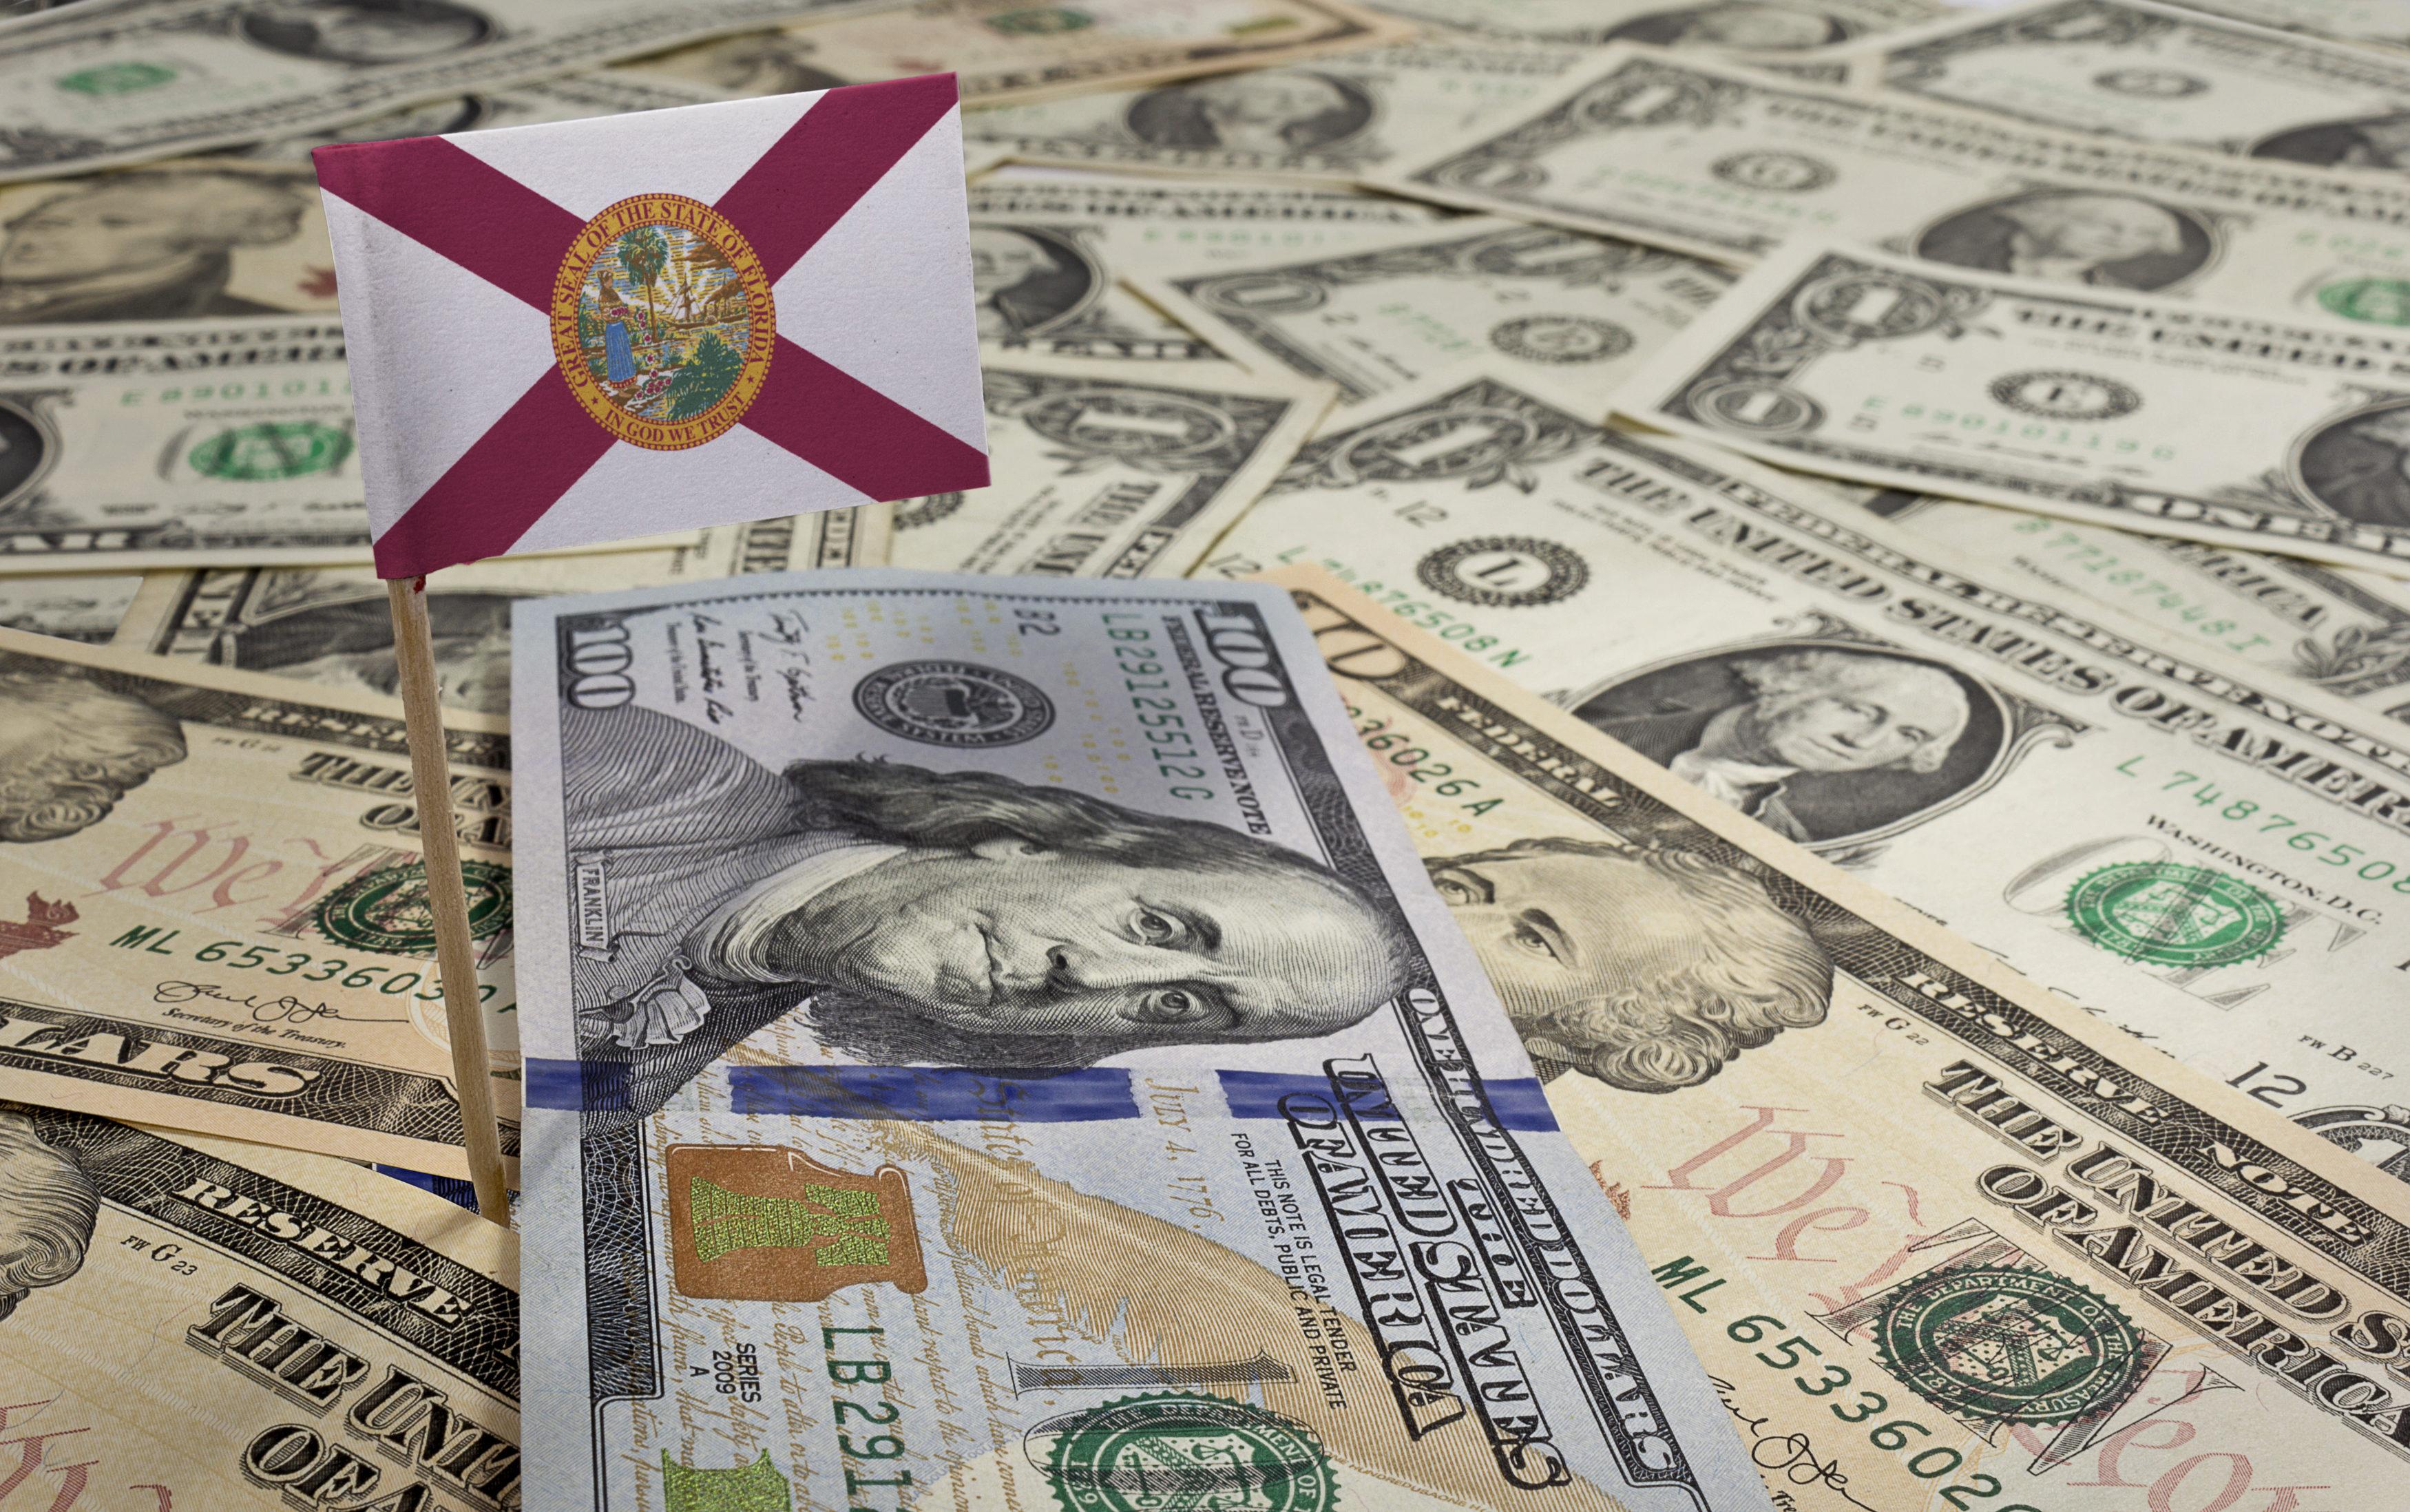 florida-money-3500x2196.jpeg